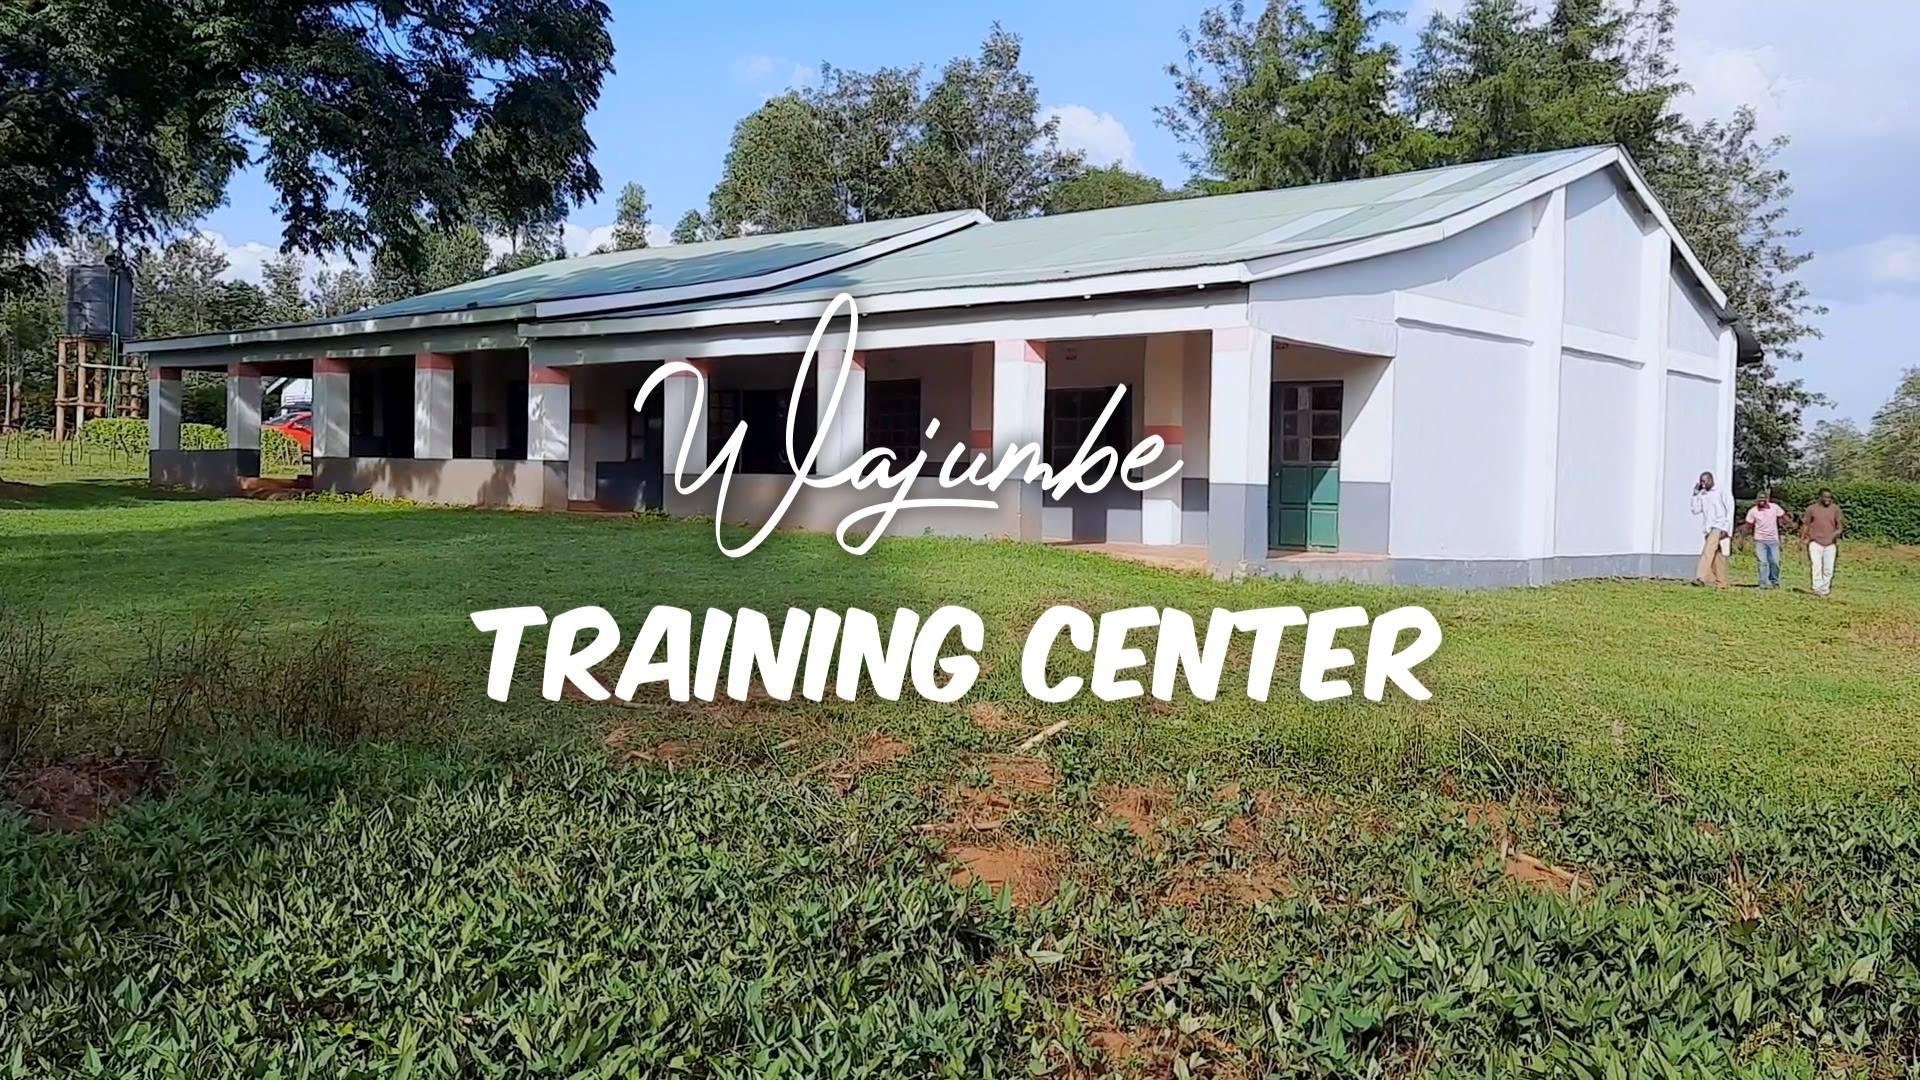 Wajumbe Training Center